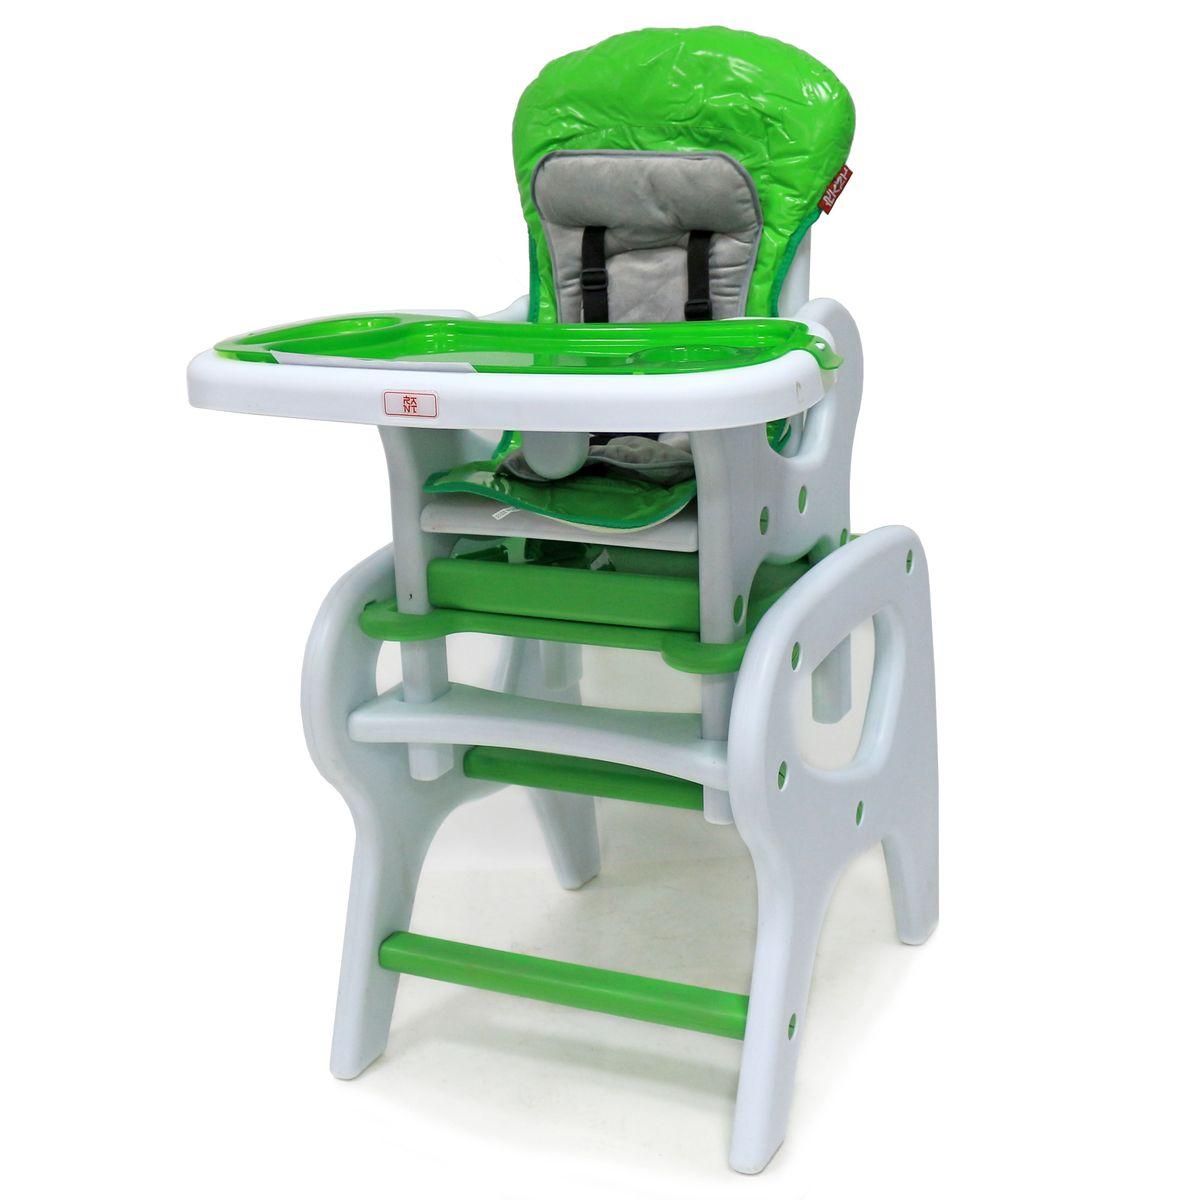 Rant Стульчик для кормления комбинированный детский Maxim цвет зеленый купить в москве фильтры для воды